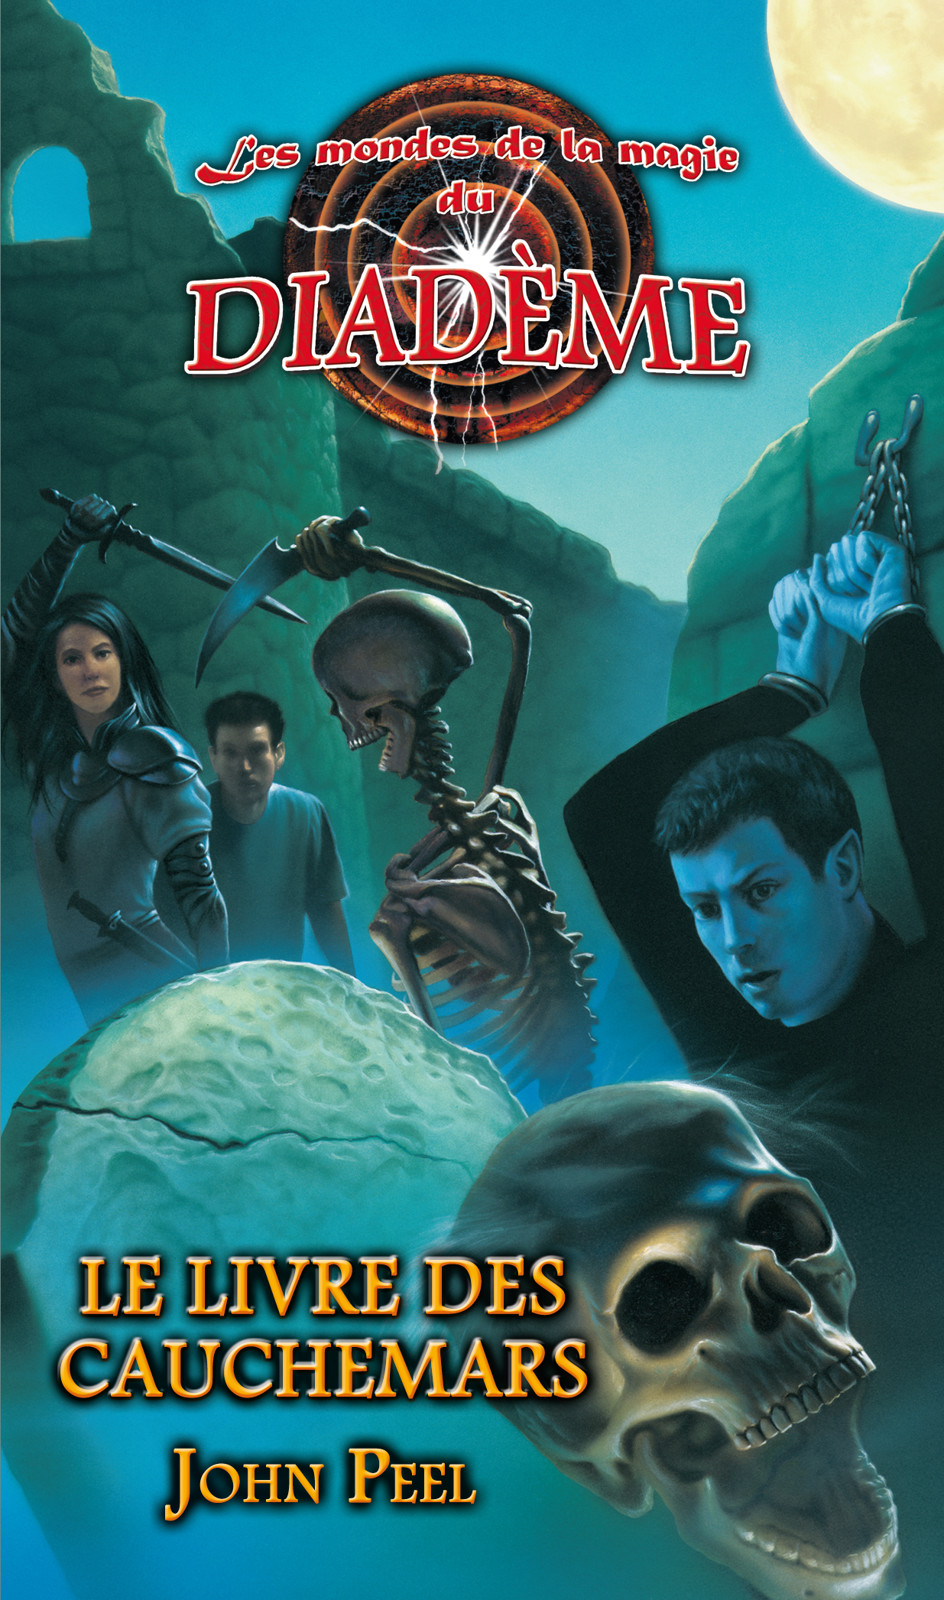 Les mondes de la magie du Diadème, Le livre des cauchemars